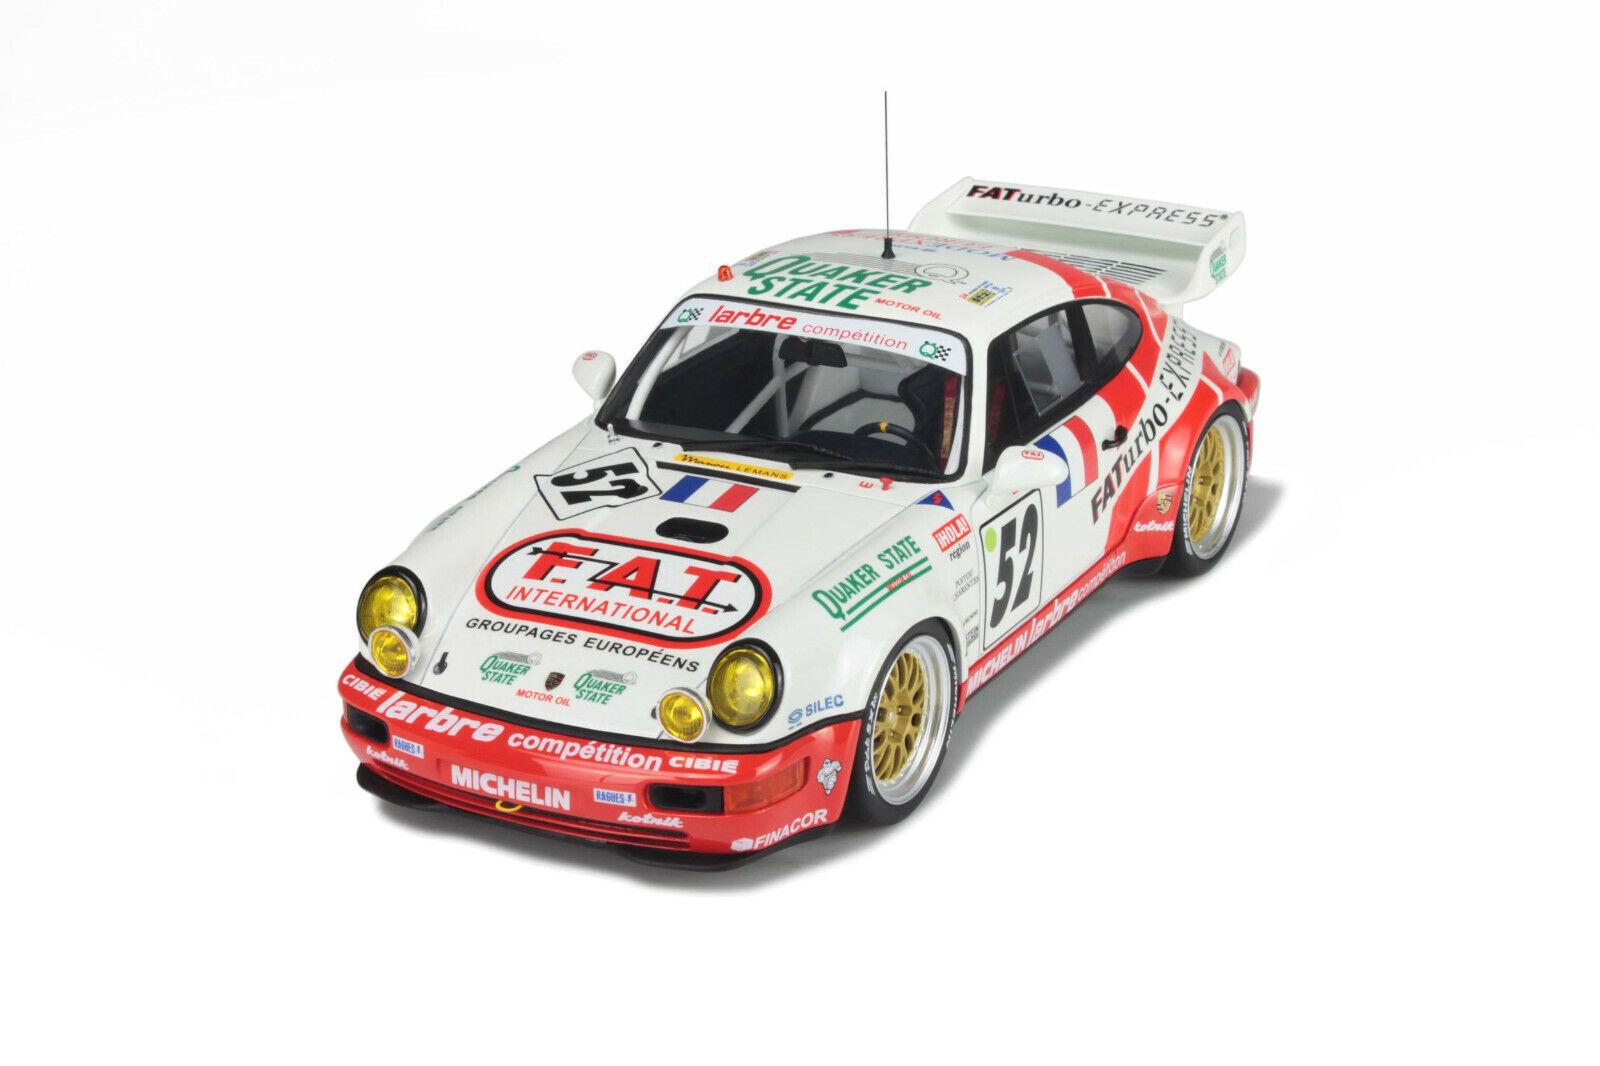 GT104 GtSpirit 118 Porsche 911964 le uomos 1994